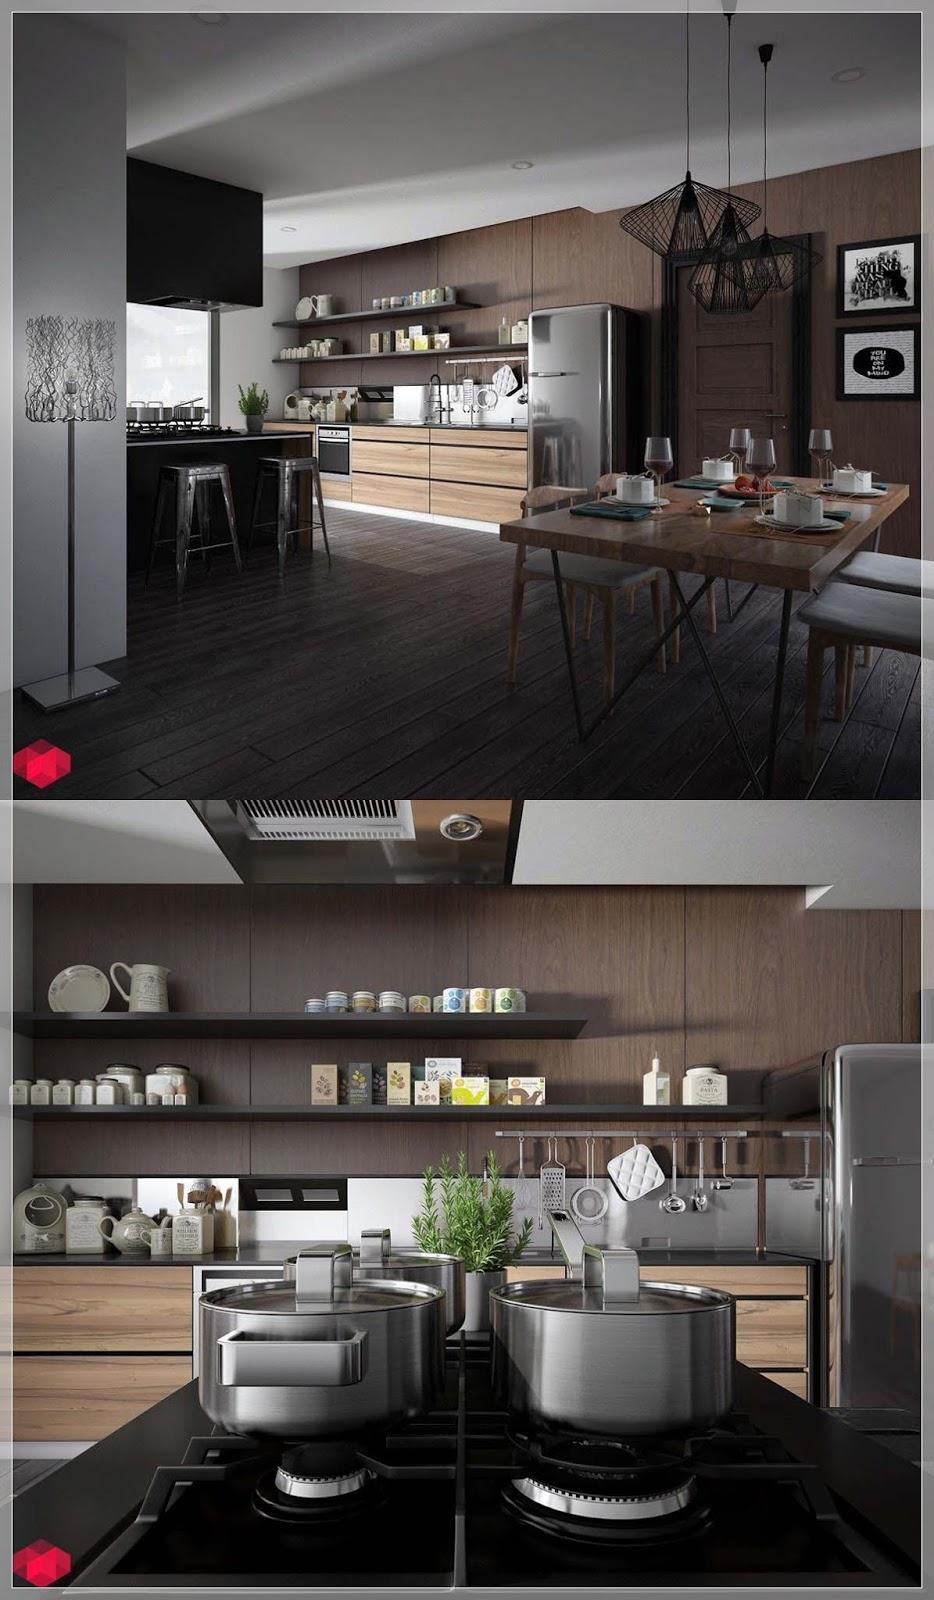 25 Hvit og Tre Kjøkken Ideer - interiør inspirasjon